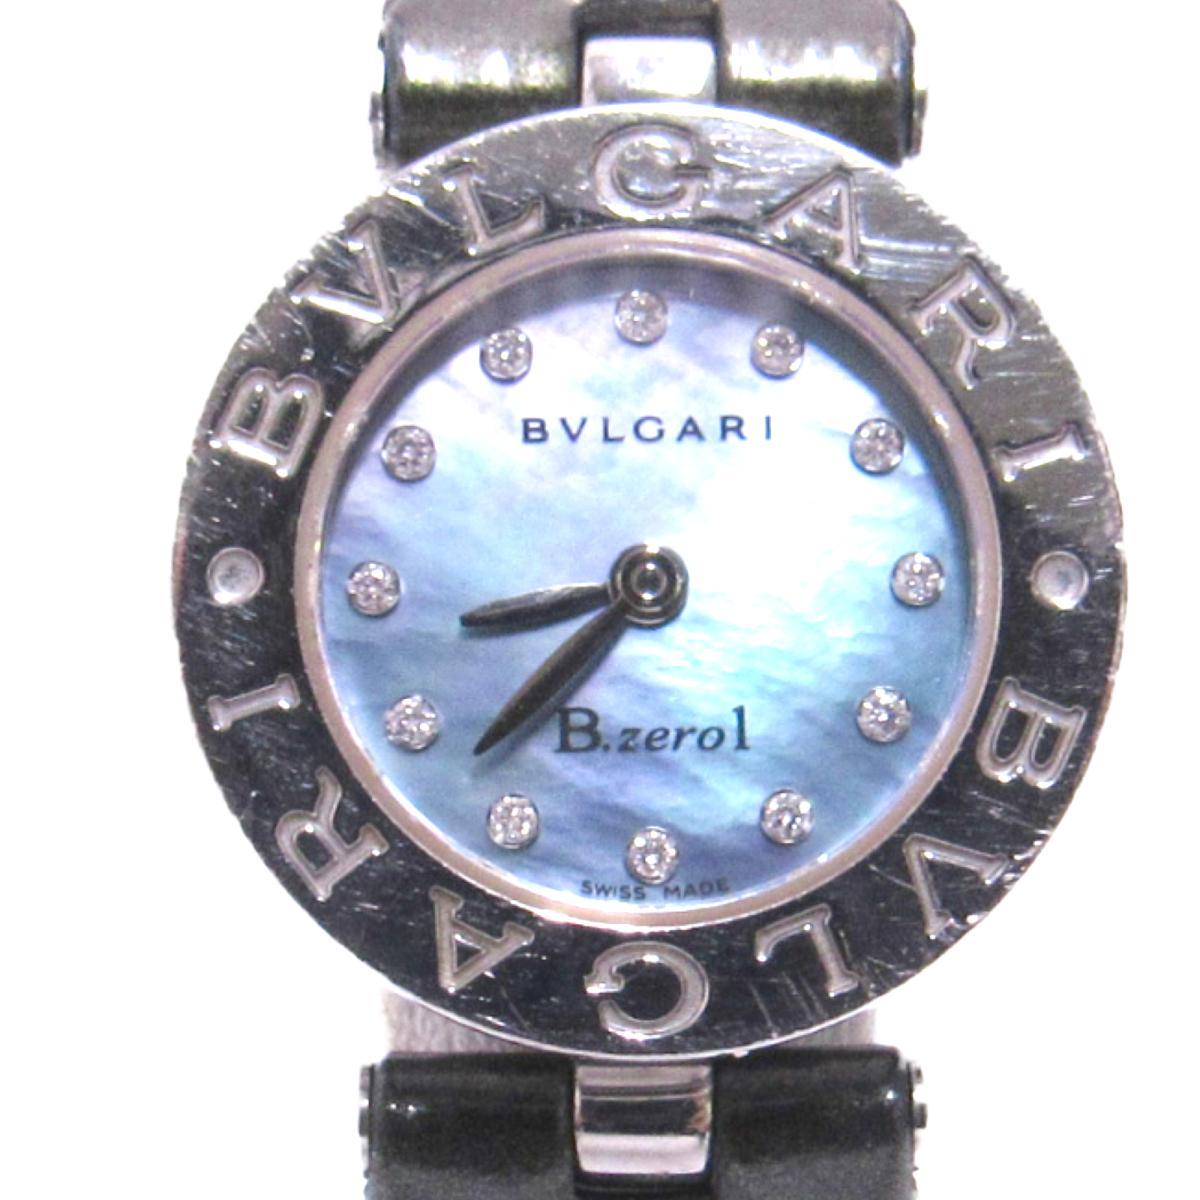 【中古】 ブルガリ B-zero1 12Pダイヤモンド 腕時計 ウォッチ レディース ステンレススチール (SS) ダイヤモンド グリーン シルバー (BZ22S) | BVLGARI BRANDOFF ブランドオフ ブランド ブランド時計 ブランド腕時計 時計